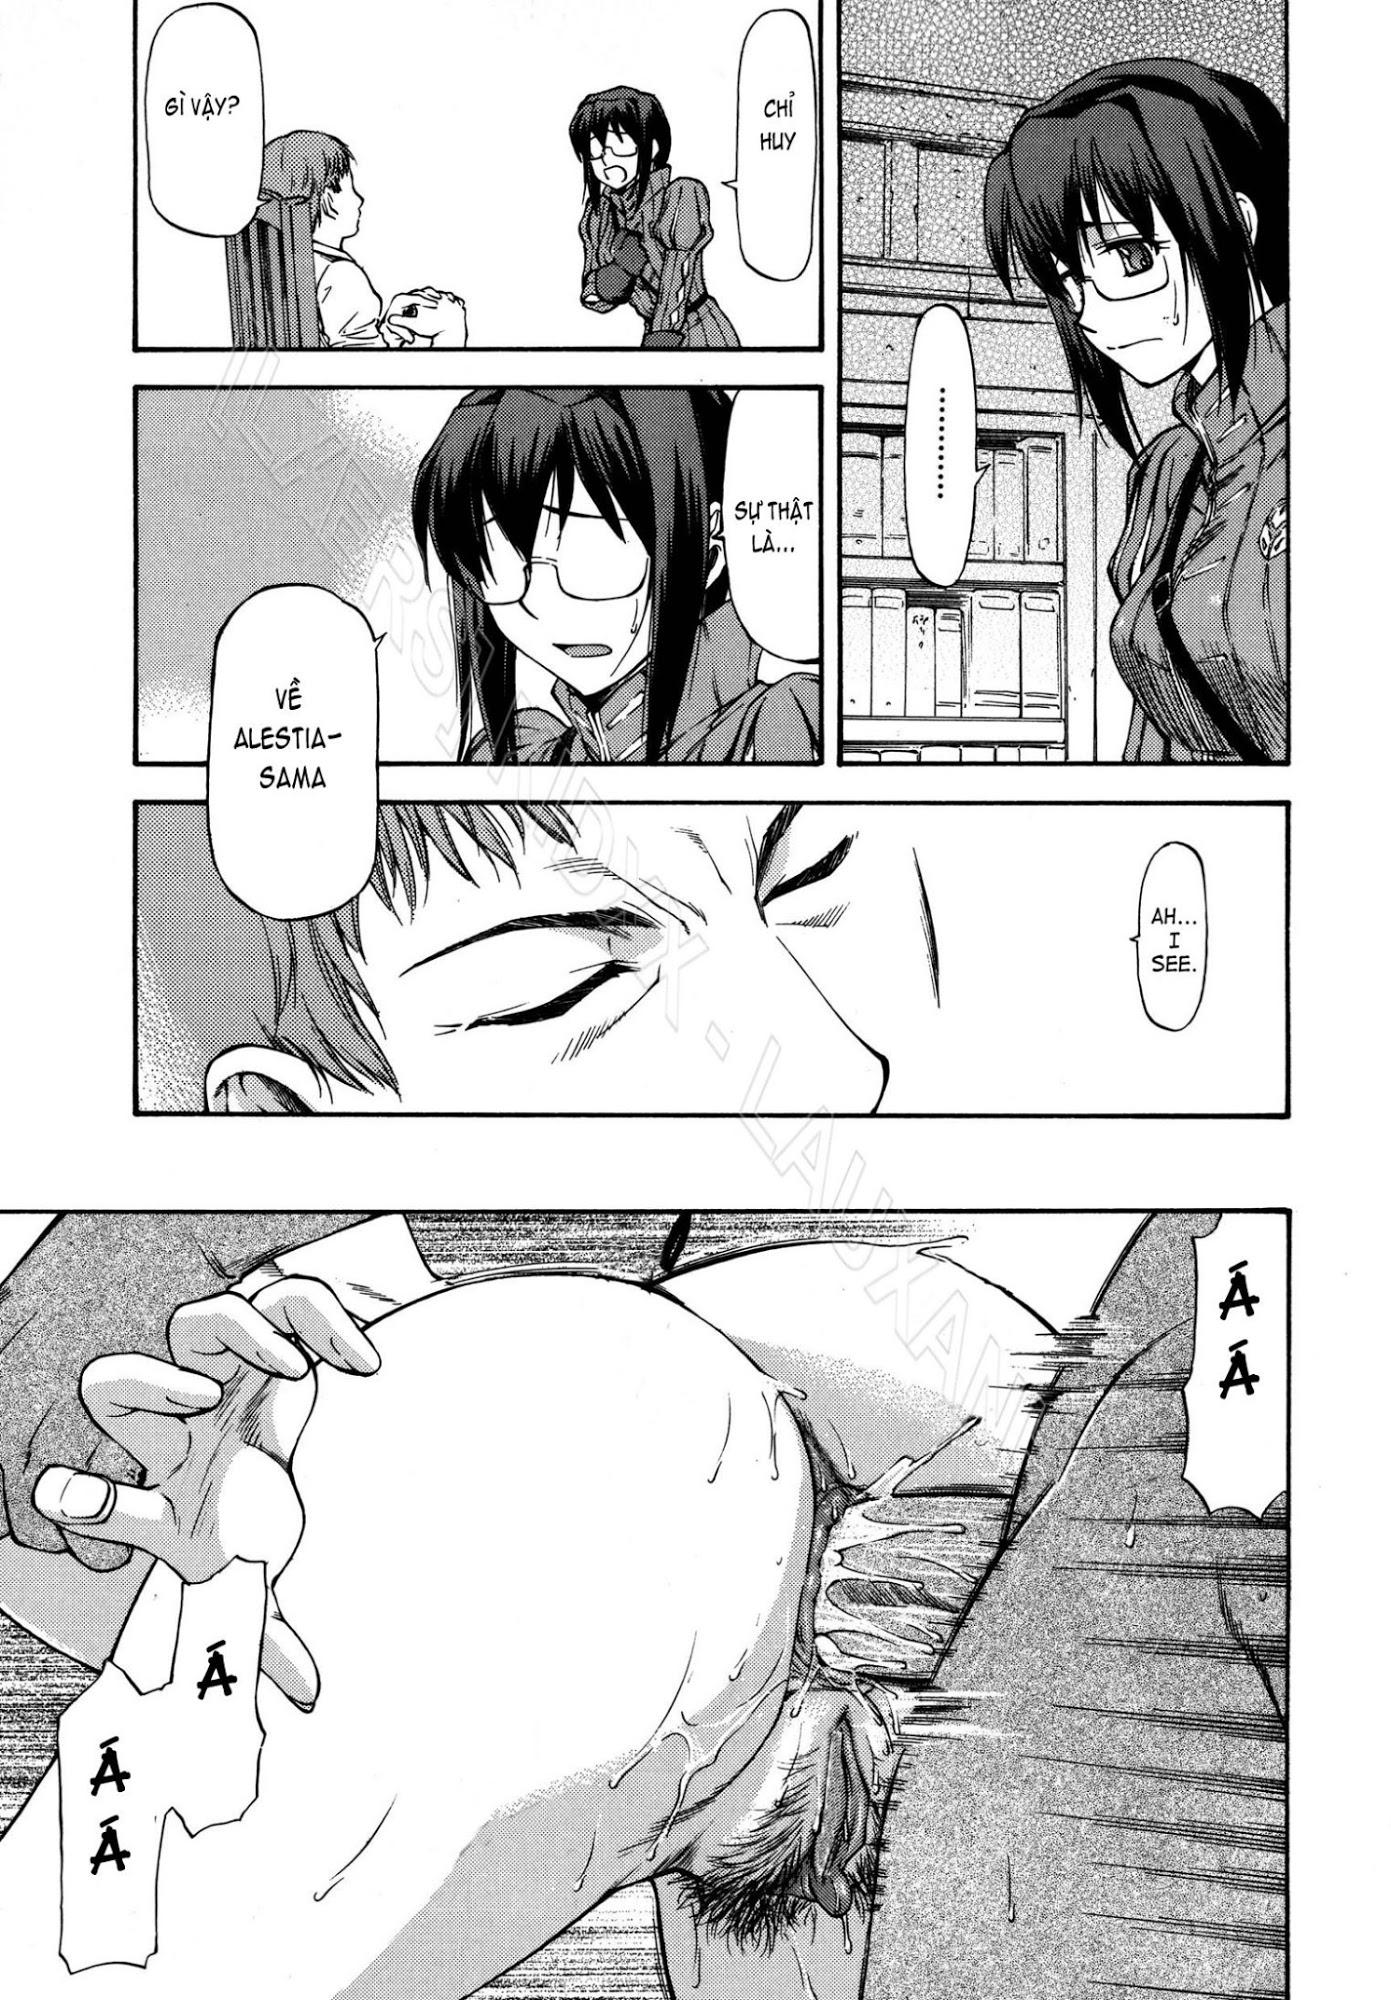 Hình ảnh Hinh_002 in Truyện tranh hentai không che: Parabellum